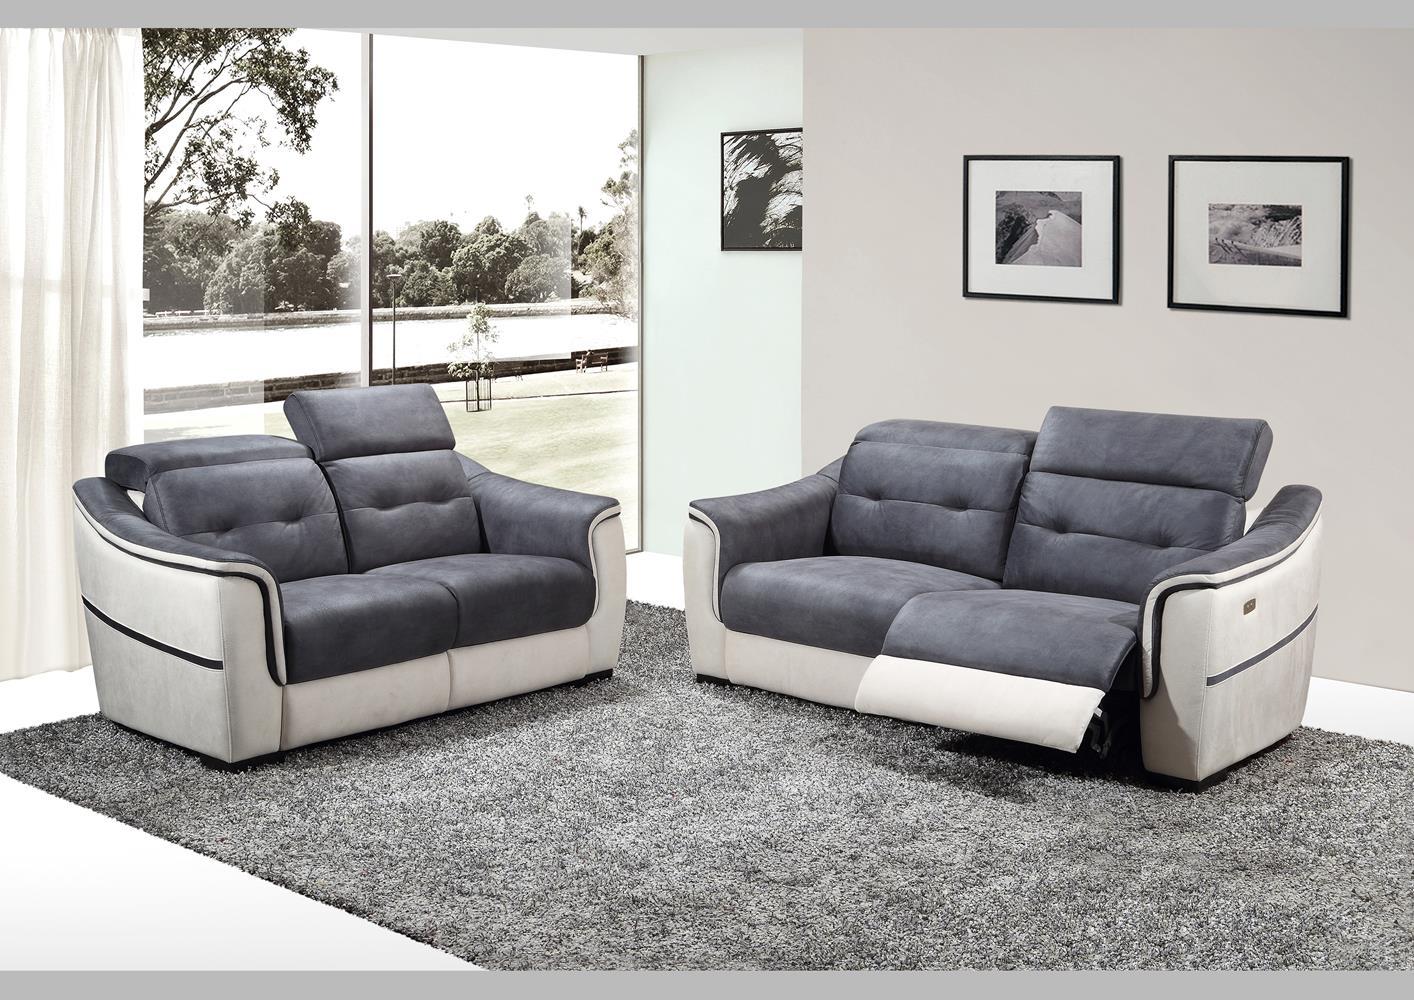 Canapé 2 Places Pvc Et Microfibre Fixe Ou Relax concernant Canape Relax 2 Places